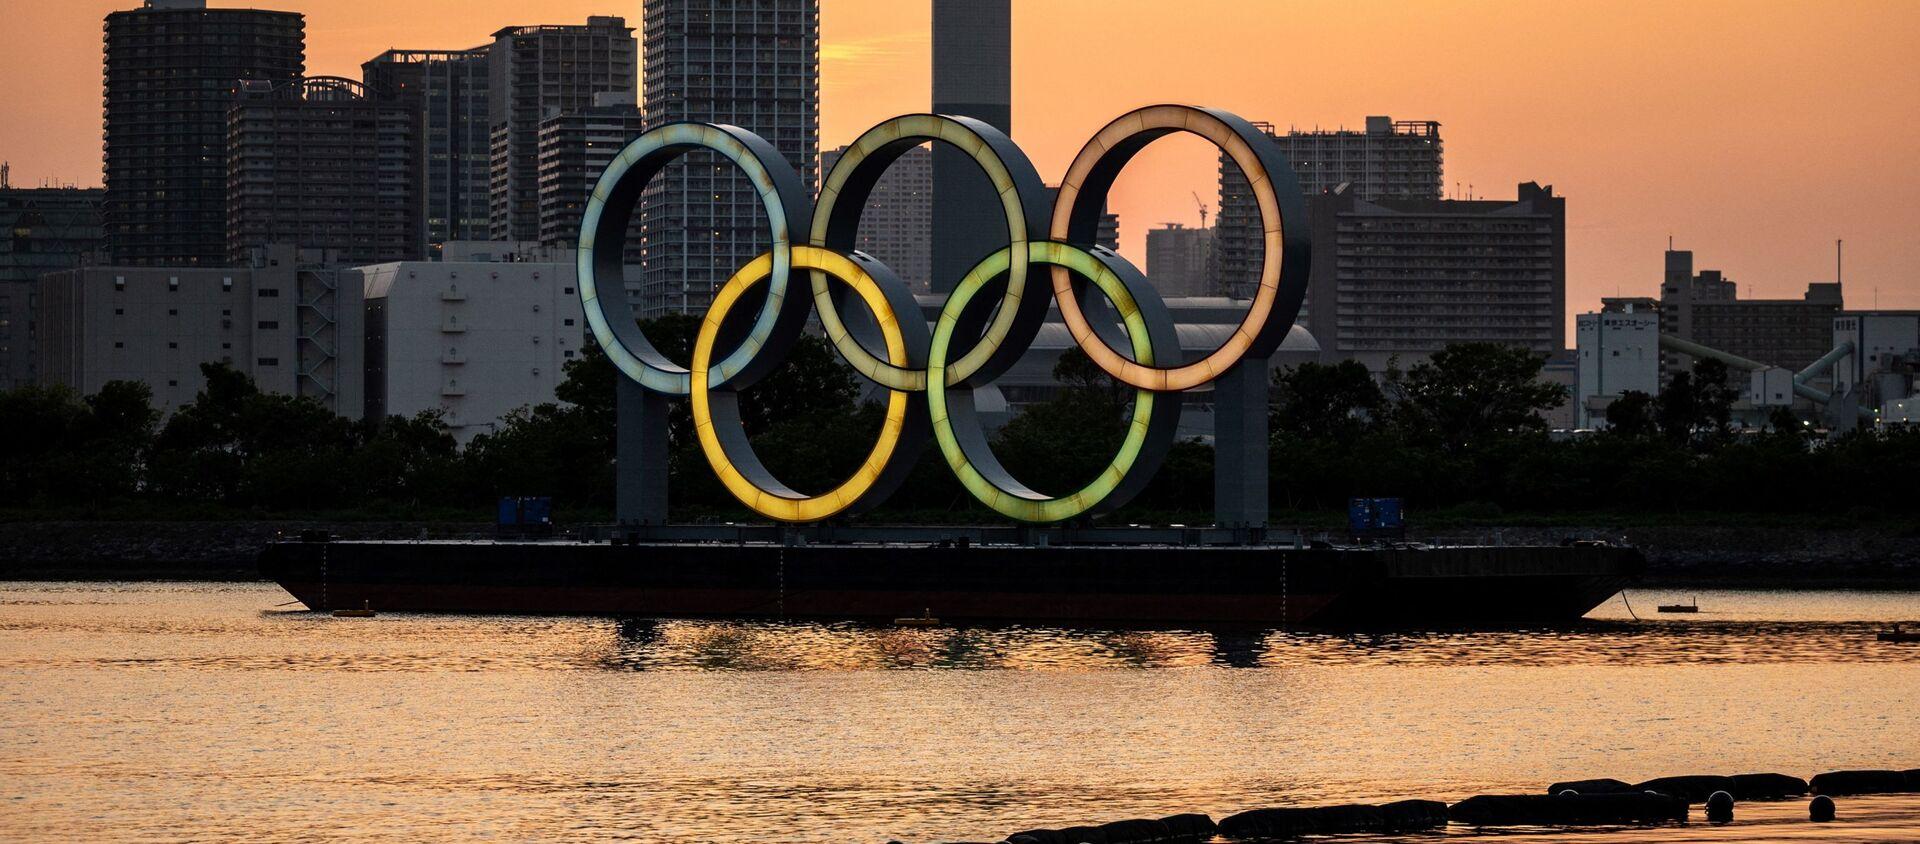 Олимпийские кольца зажжены на набережной Одайбы в Токио 20 апреля 2021 года  - Sputnik Грузия, 1920, 22.04.2021